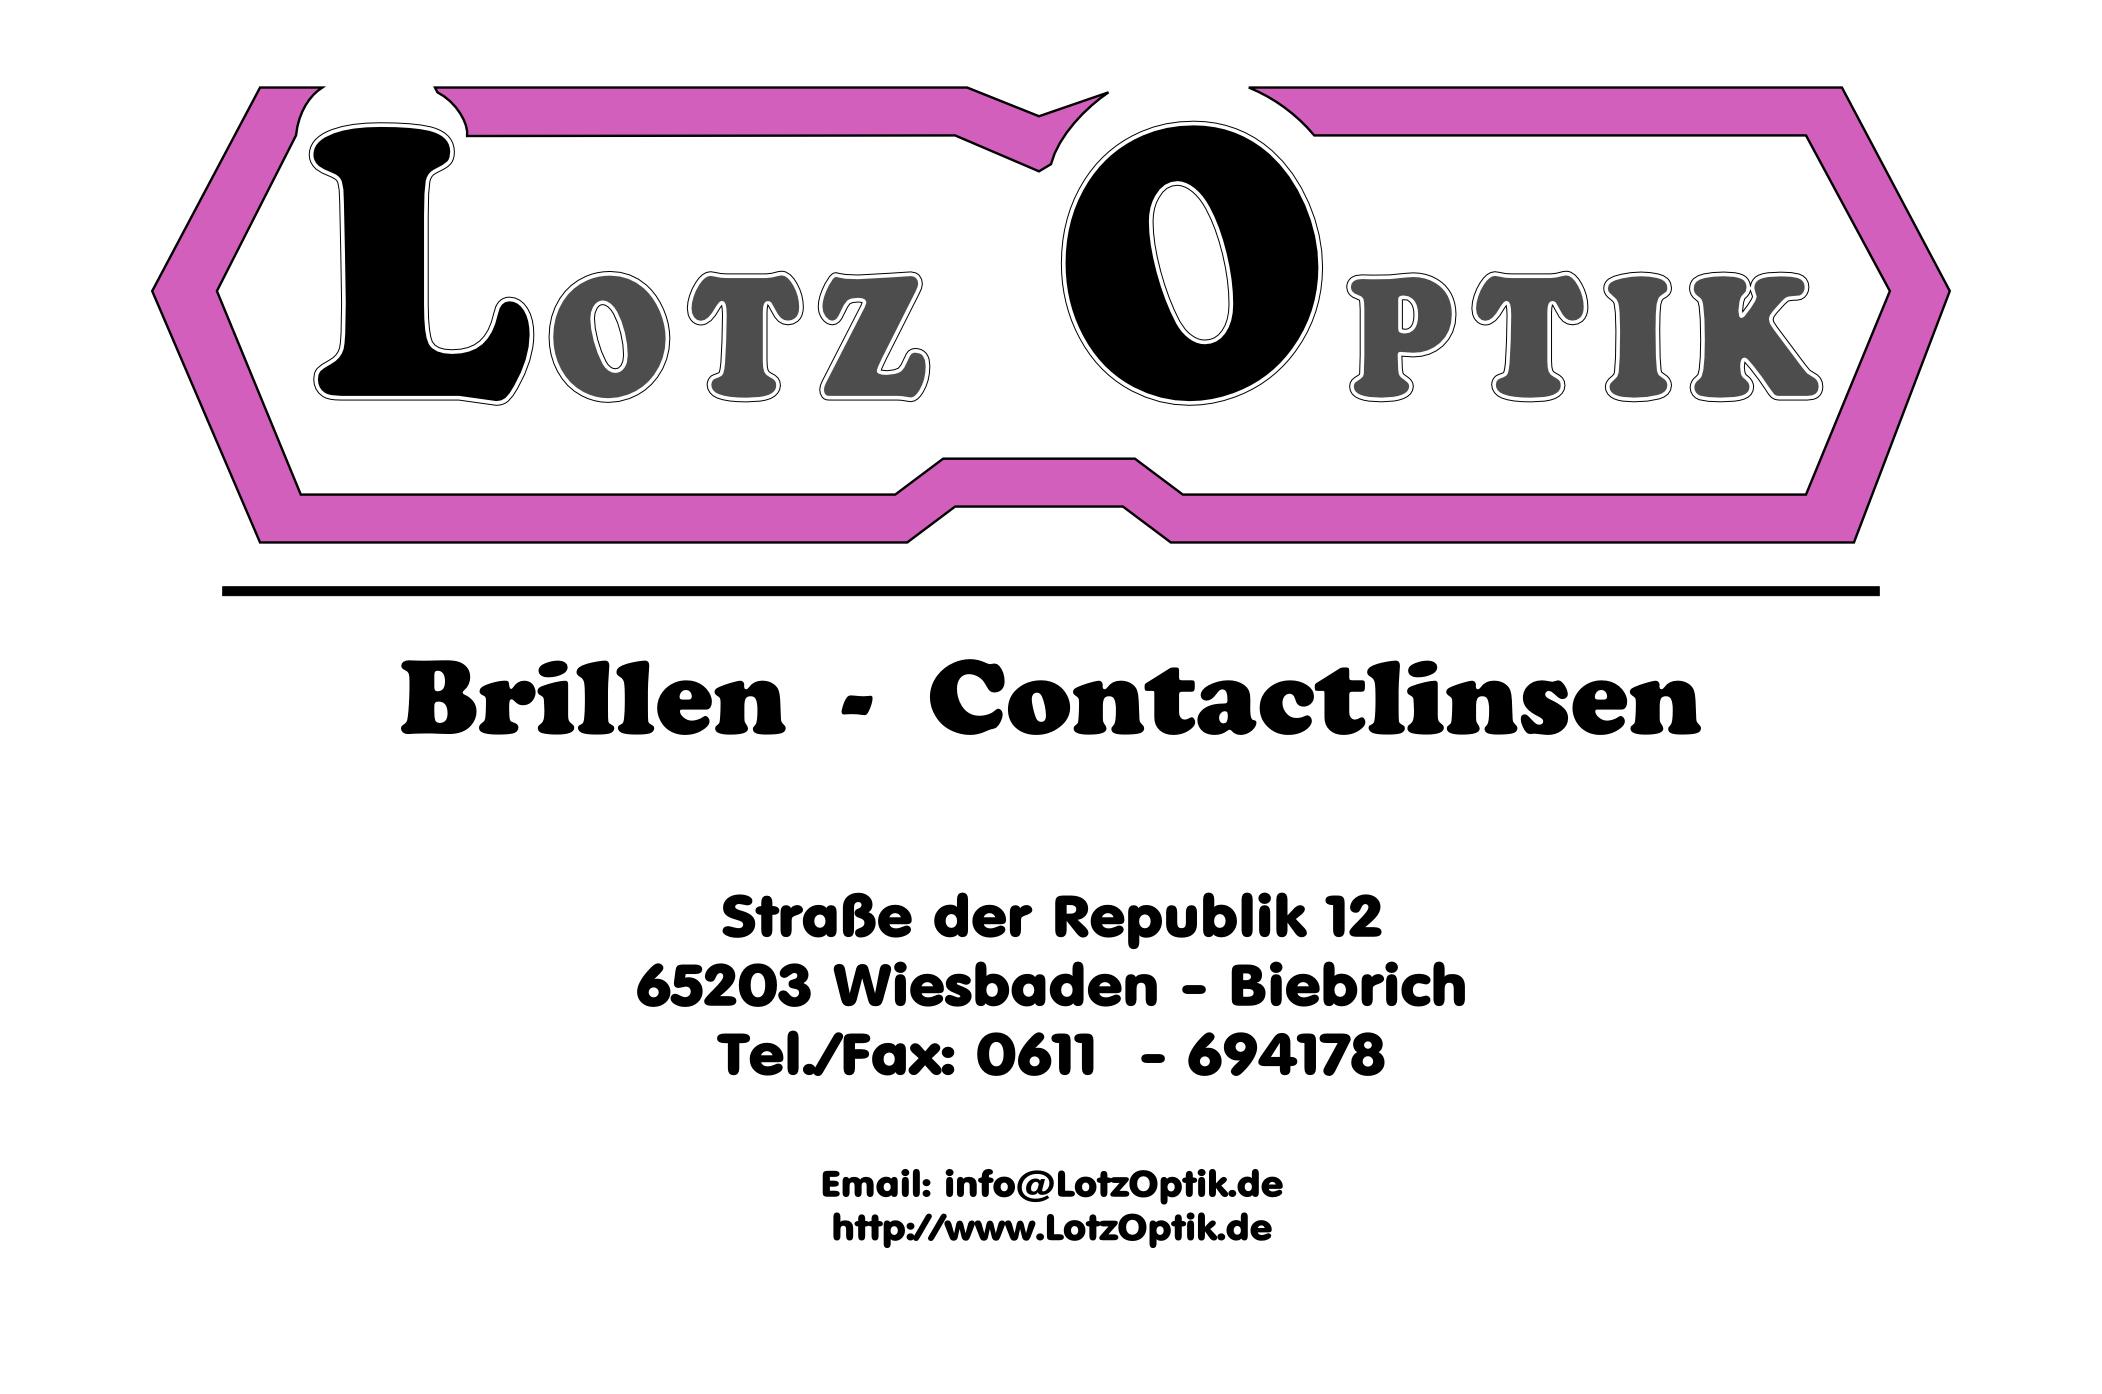 Lotz Optik, Wiesbaden Biebrich - Unsere Dienstleistung ist die Stärkung Ihrer Sehleistung